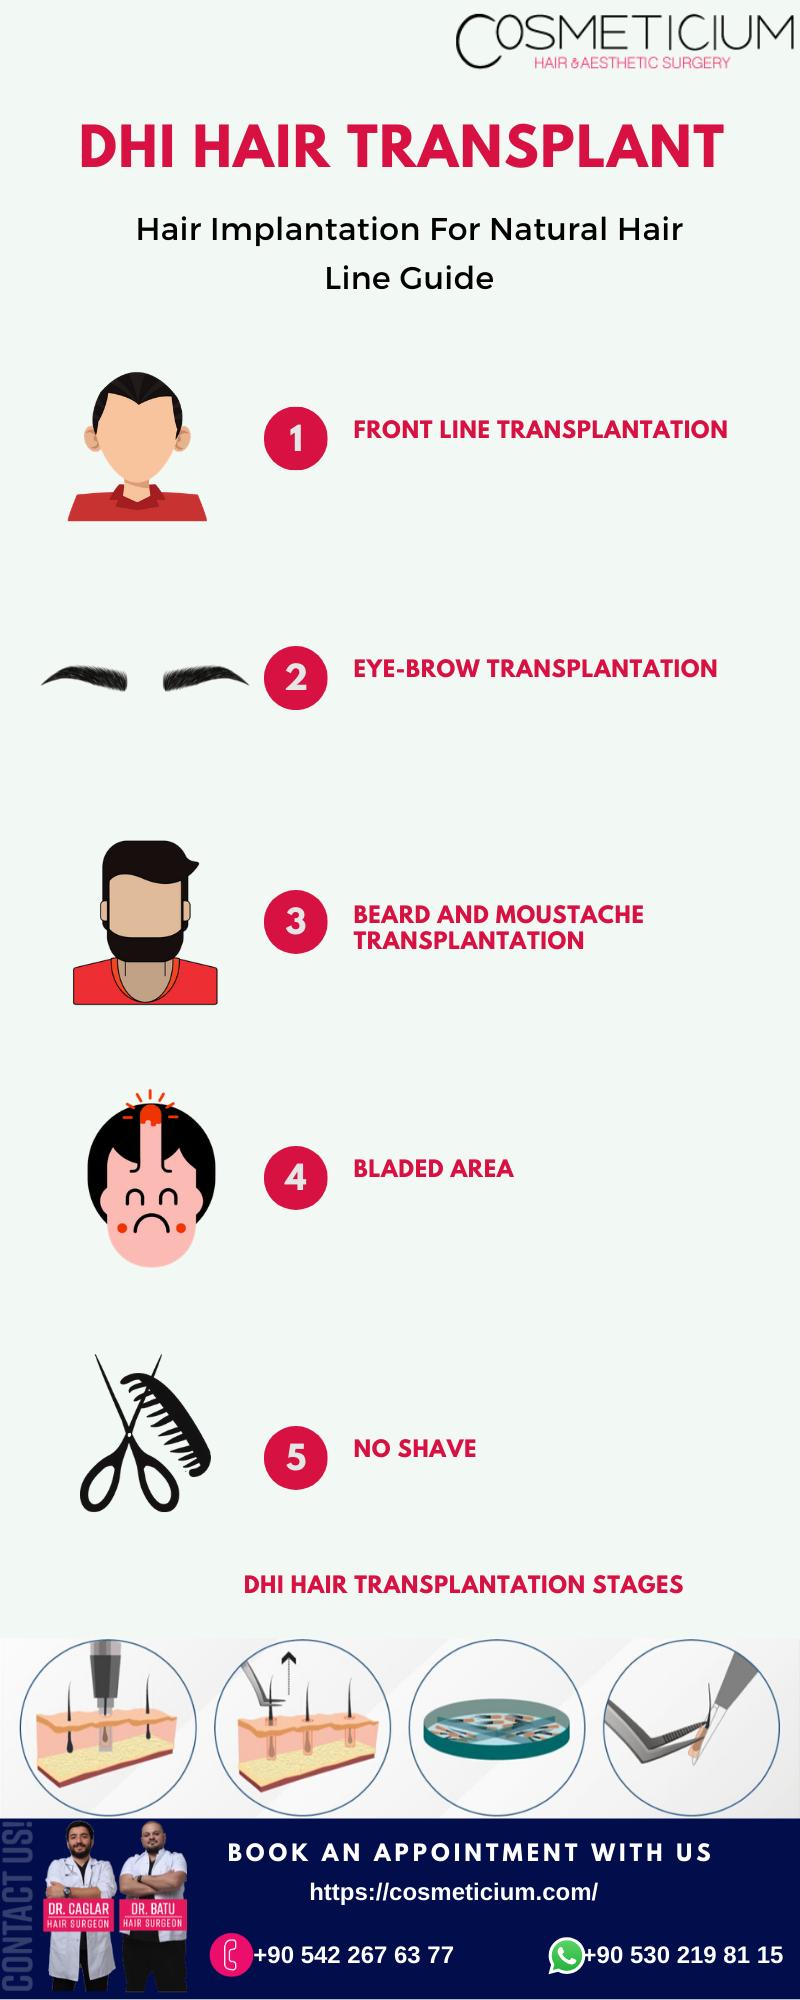 DHI Hair Transplant - Cosmeticium